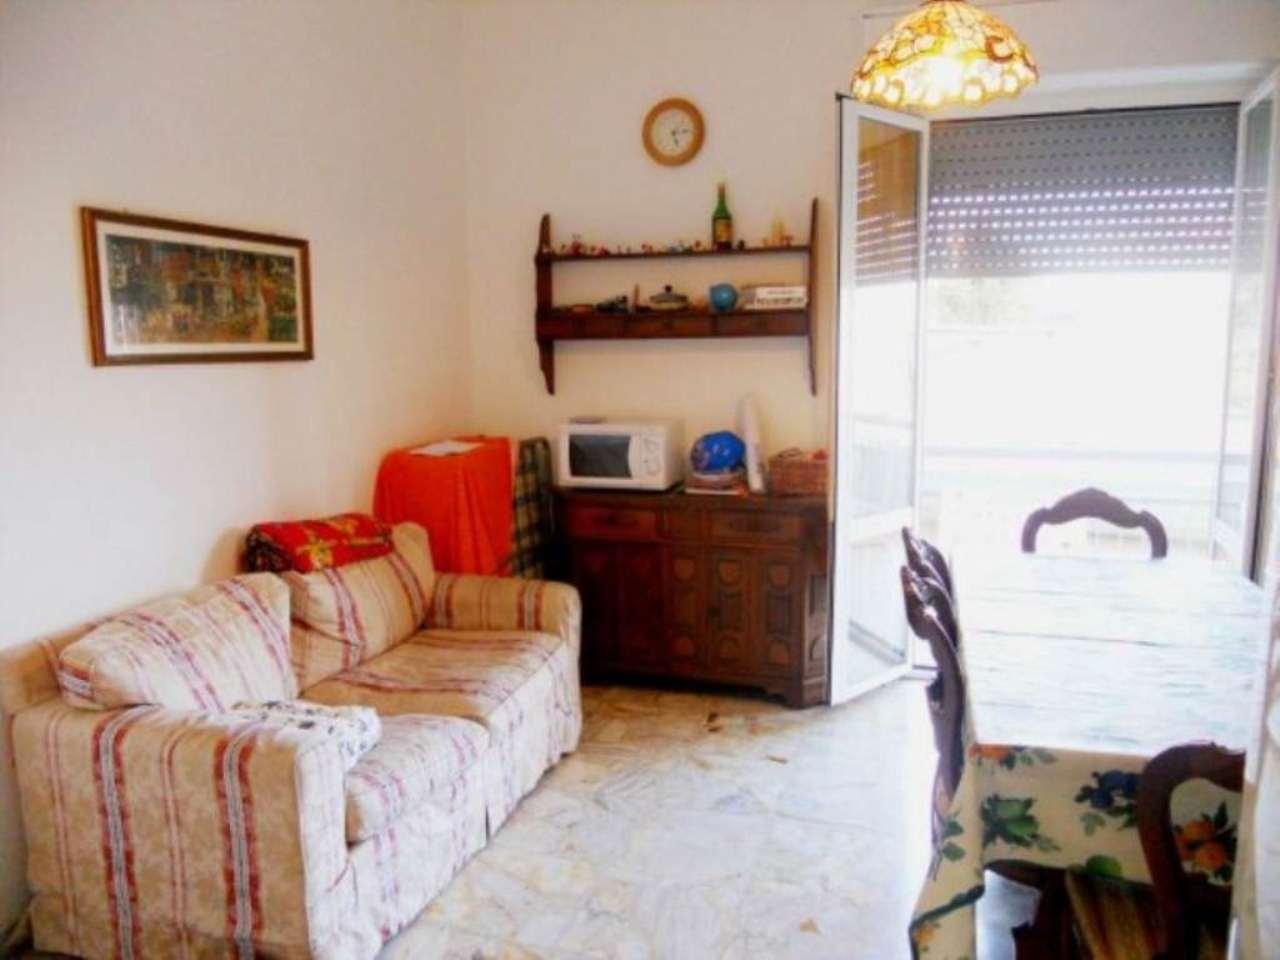 Appartamento in vendita a Bargagli, 4 locali, prezzo € 70.000 | Cambio Casa.it